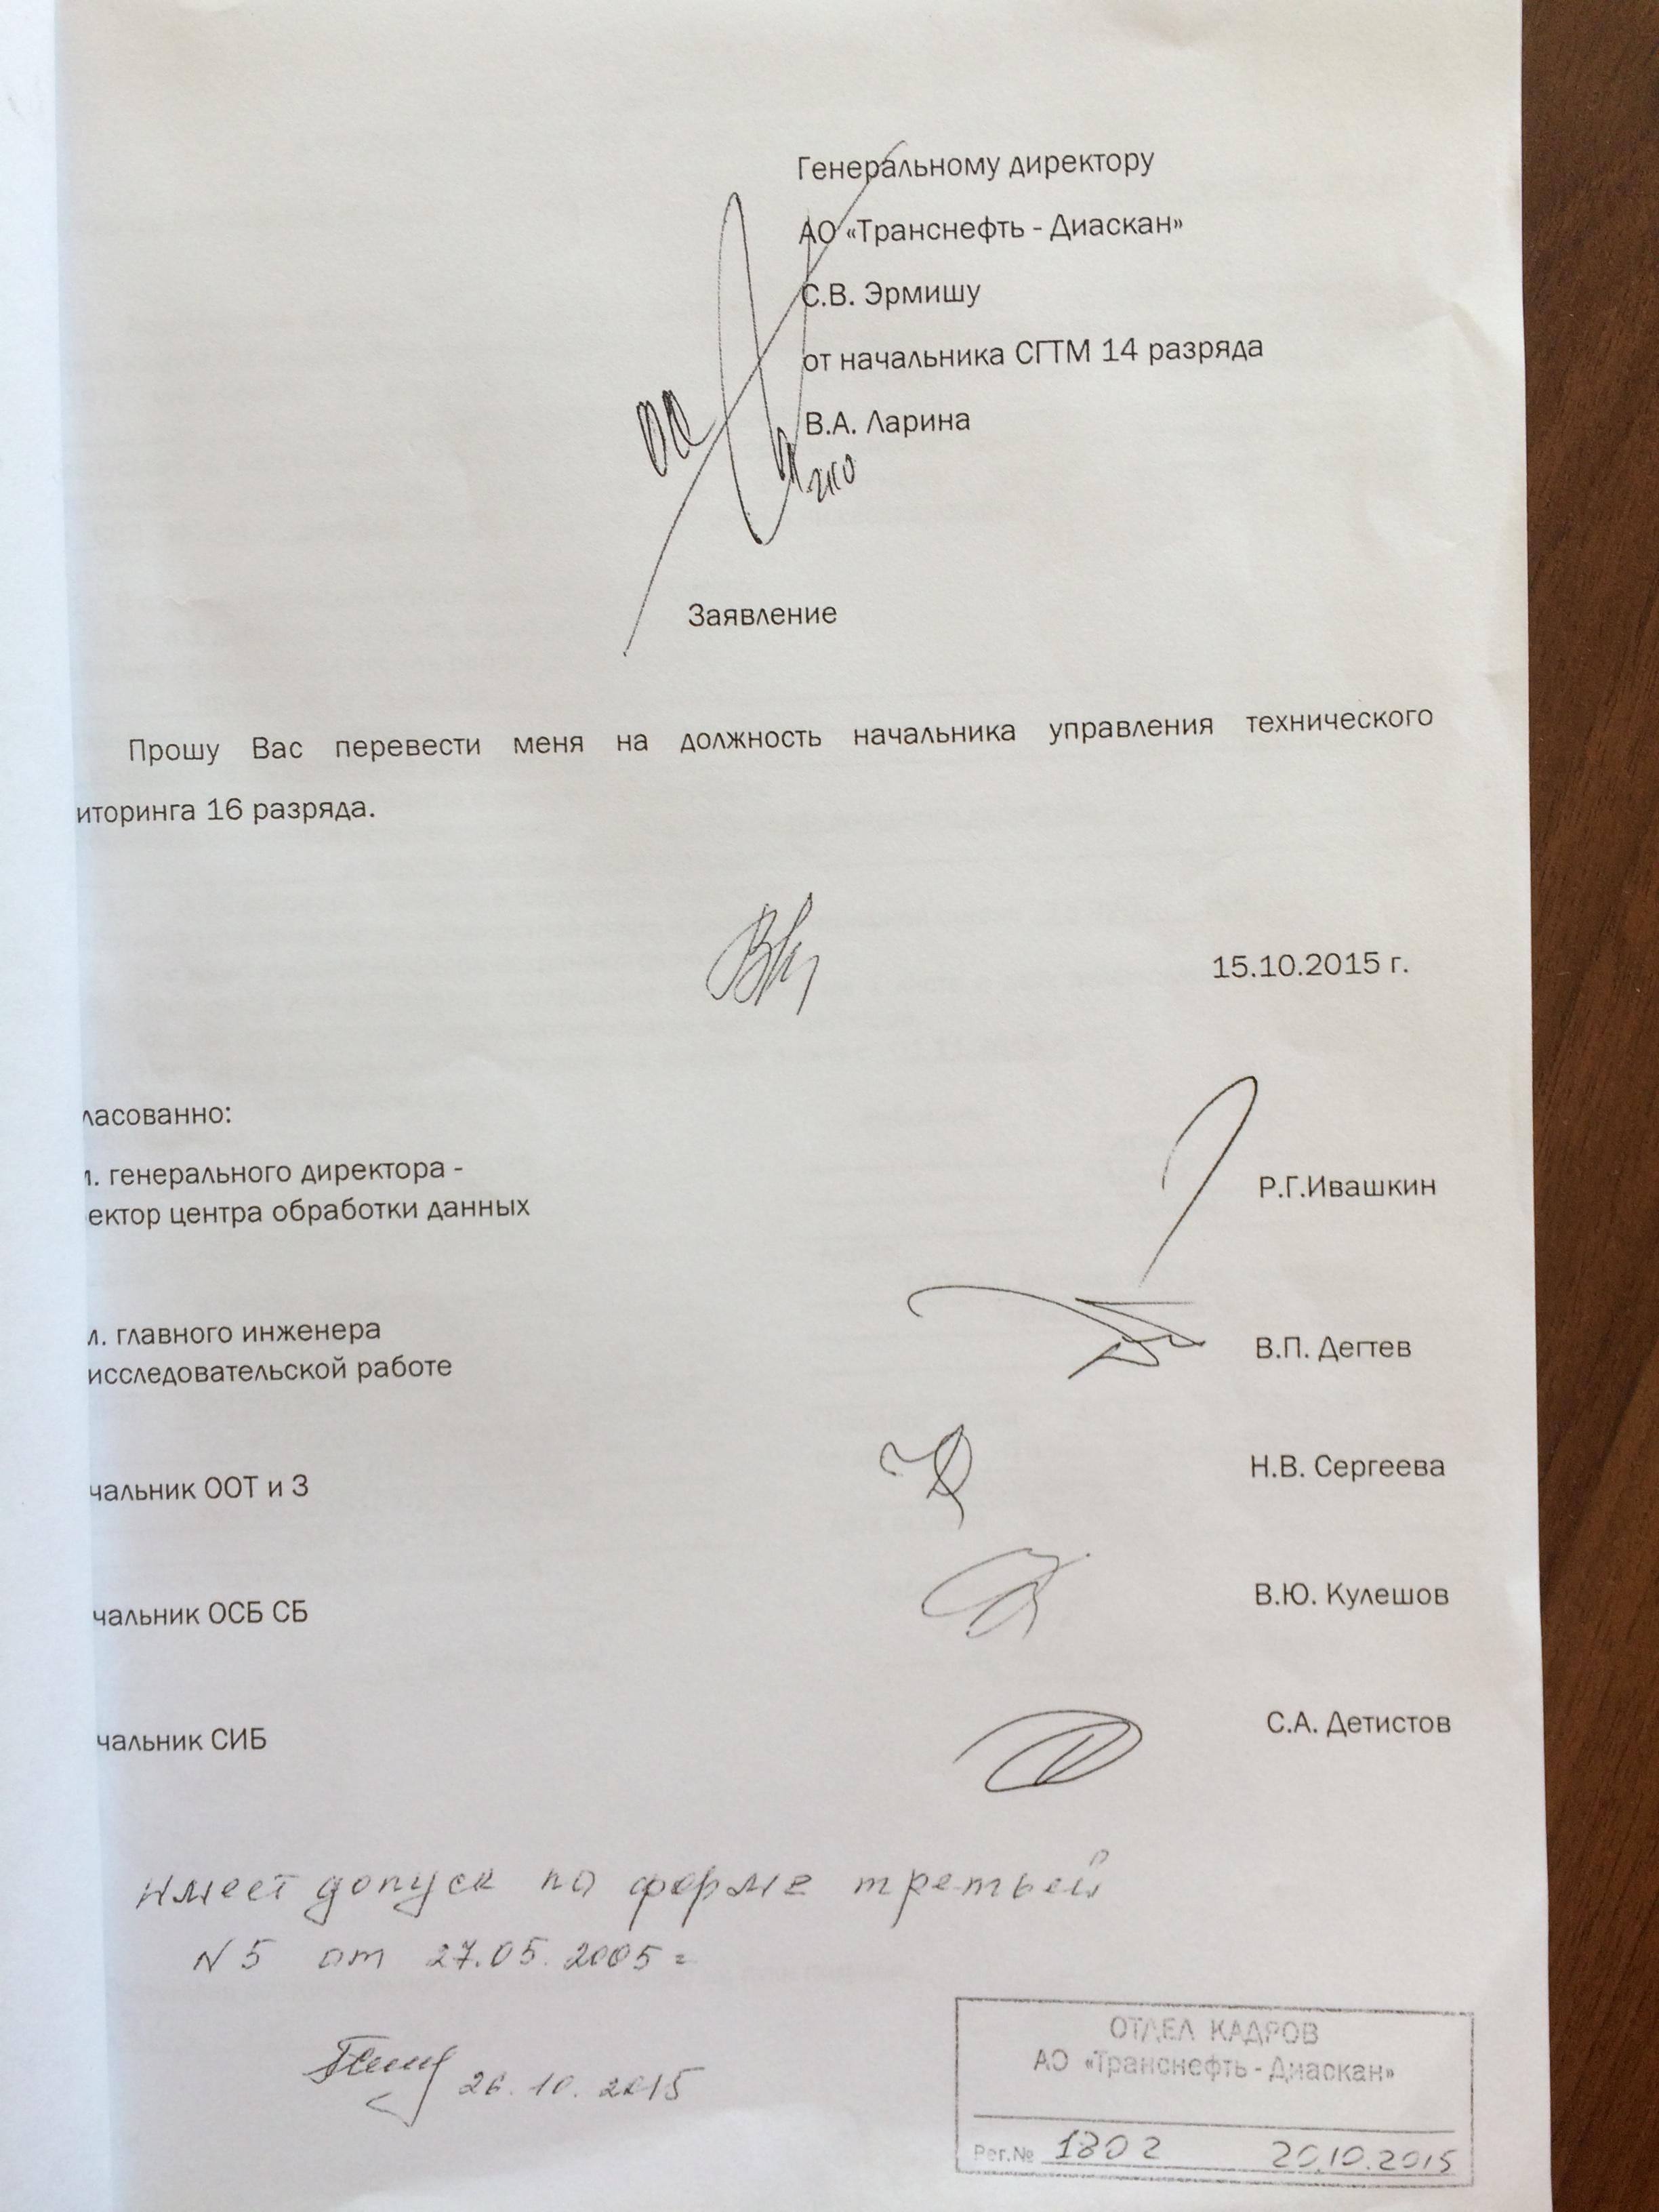 Фото документов проверки Луховицкой городской прокуратурой - 68 (5)